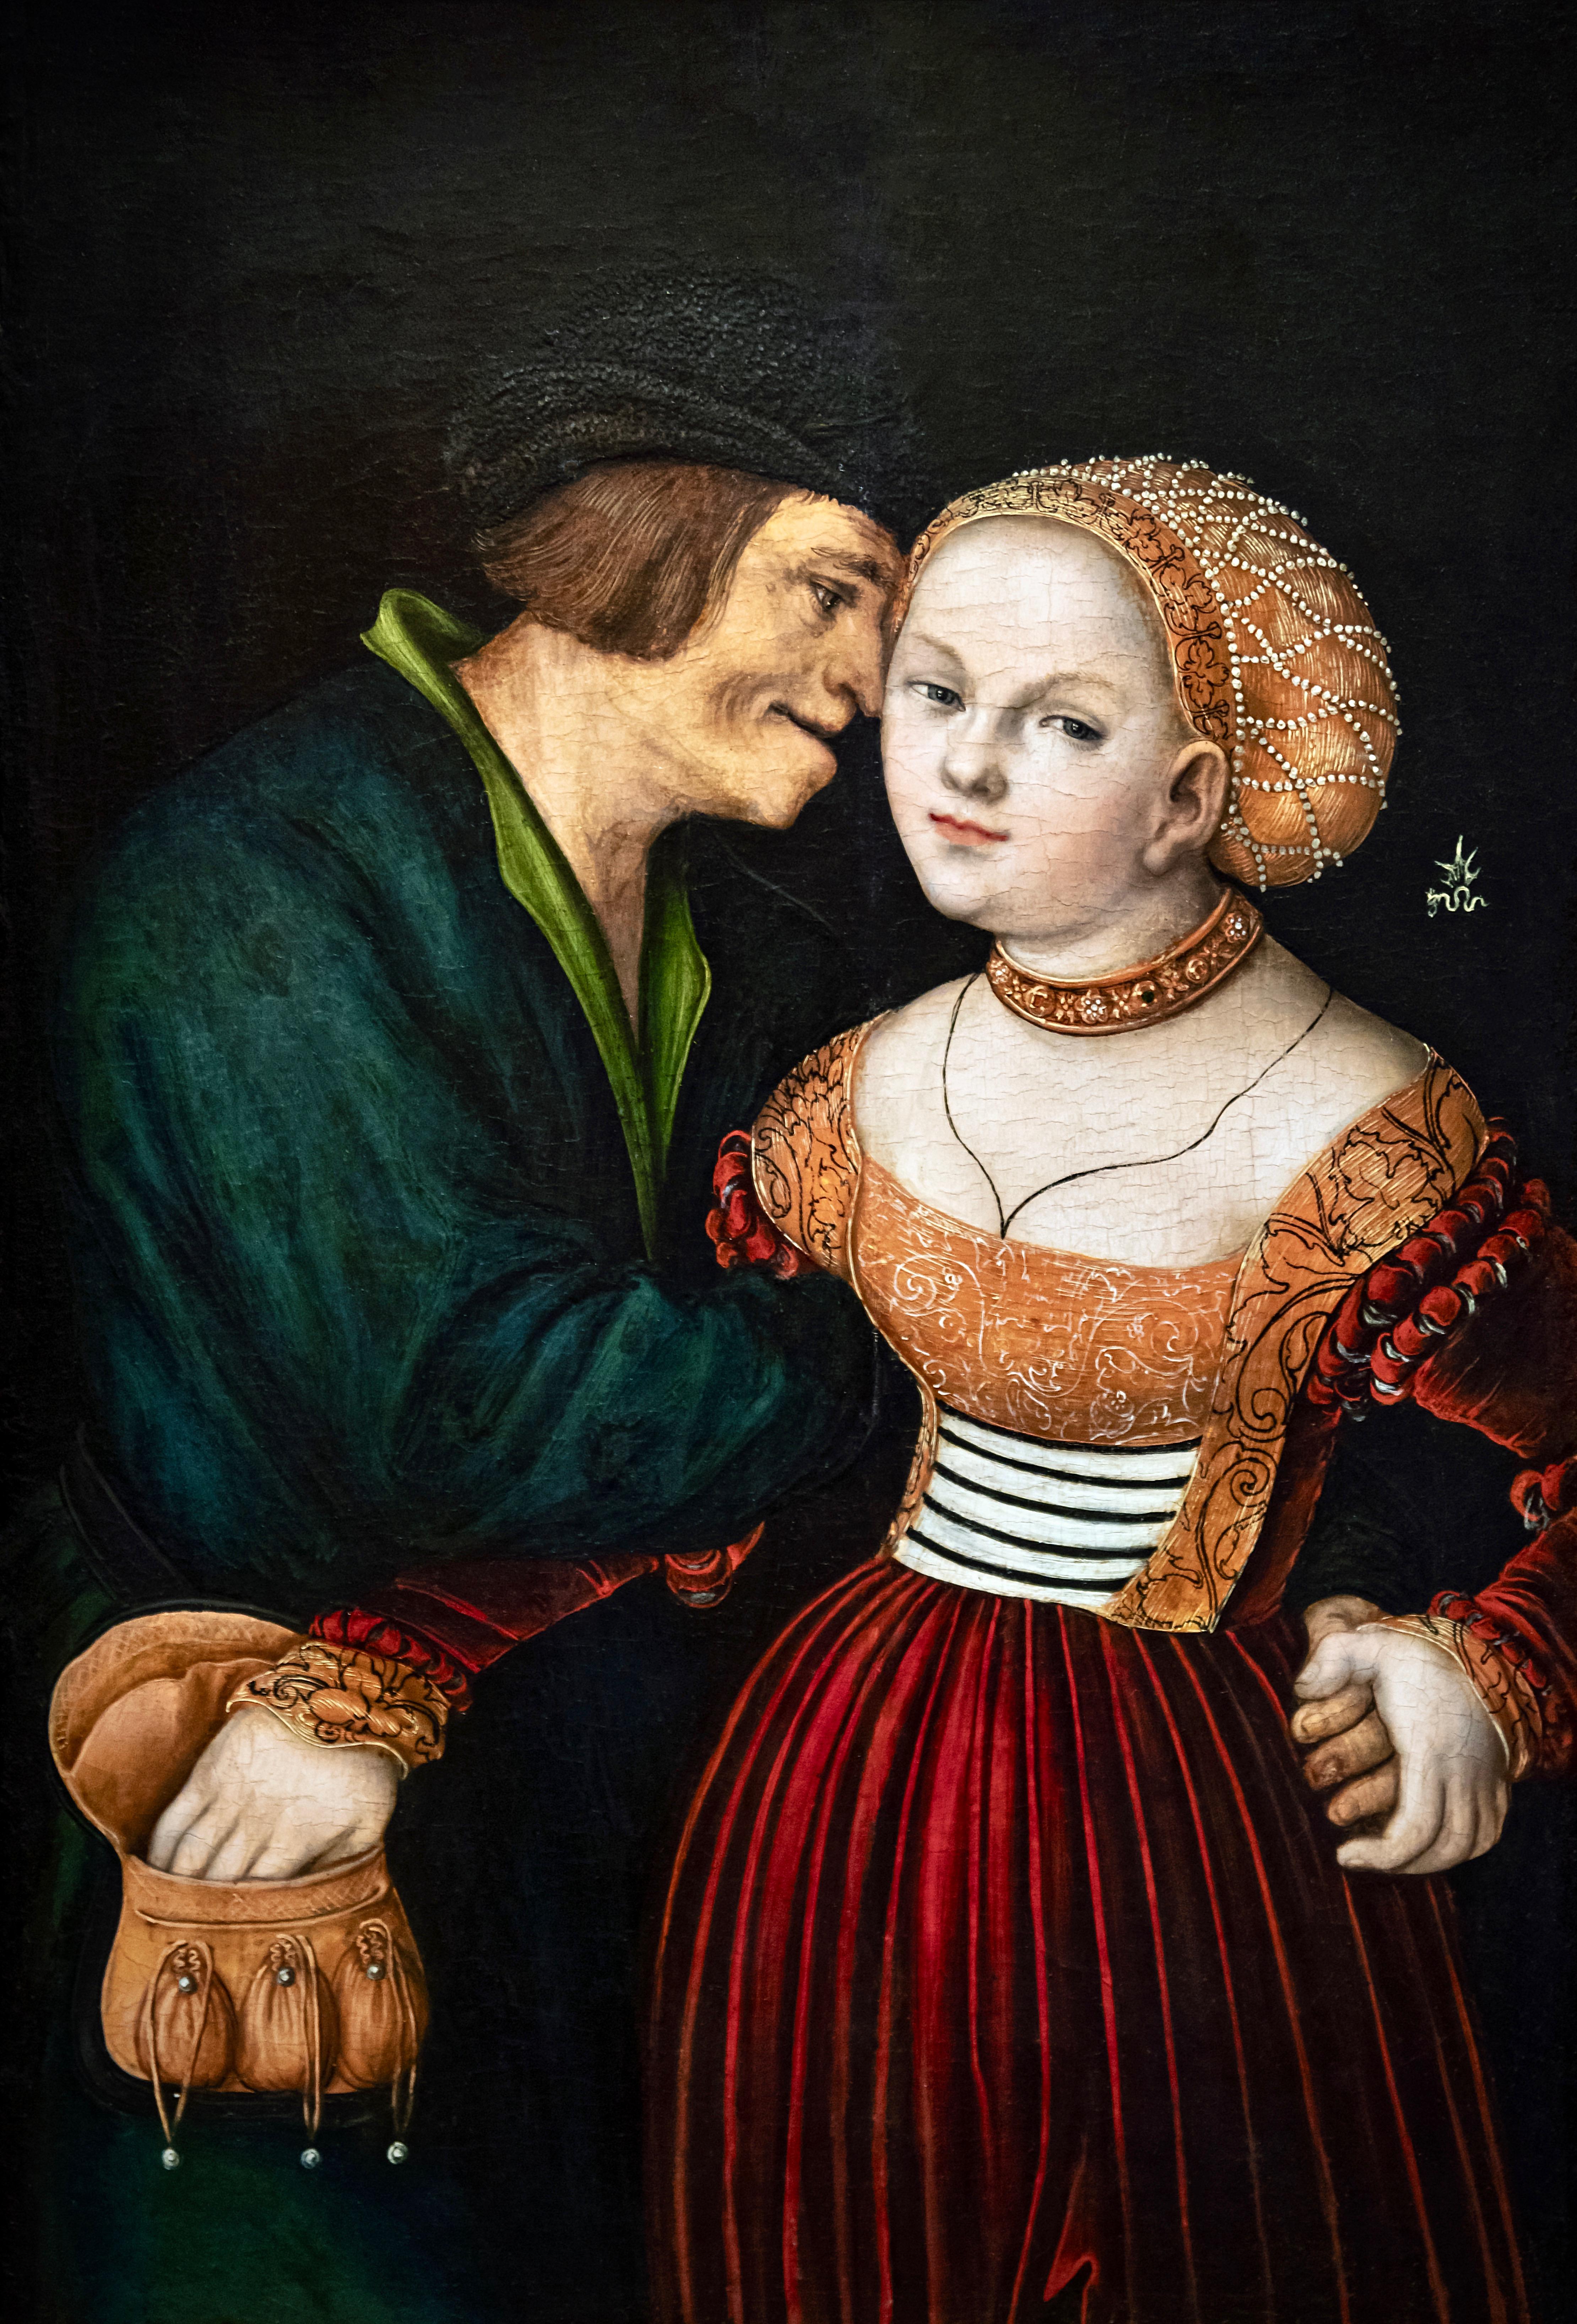 Bemberg fondation Toulouse - Les amoureux - Lucas Cranach l'Ancien